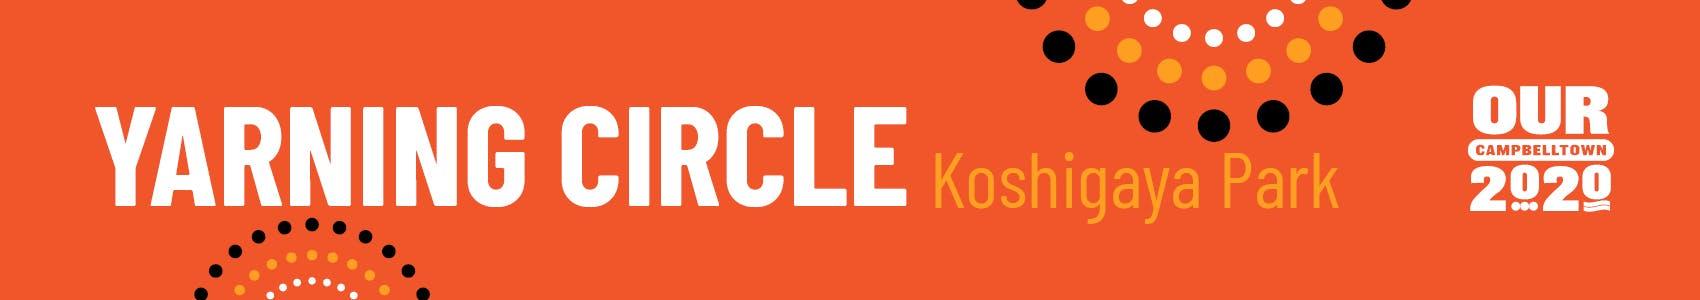 Orange back ground with text that says Yarning Circle Koshigaya Park